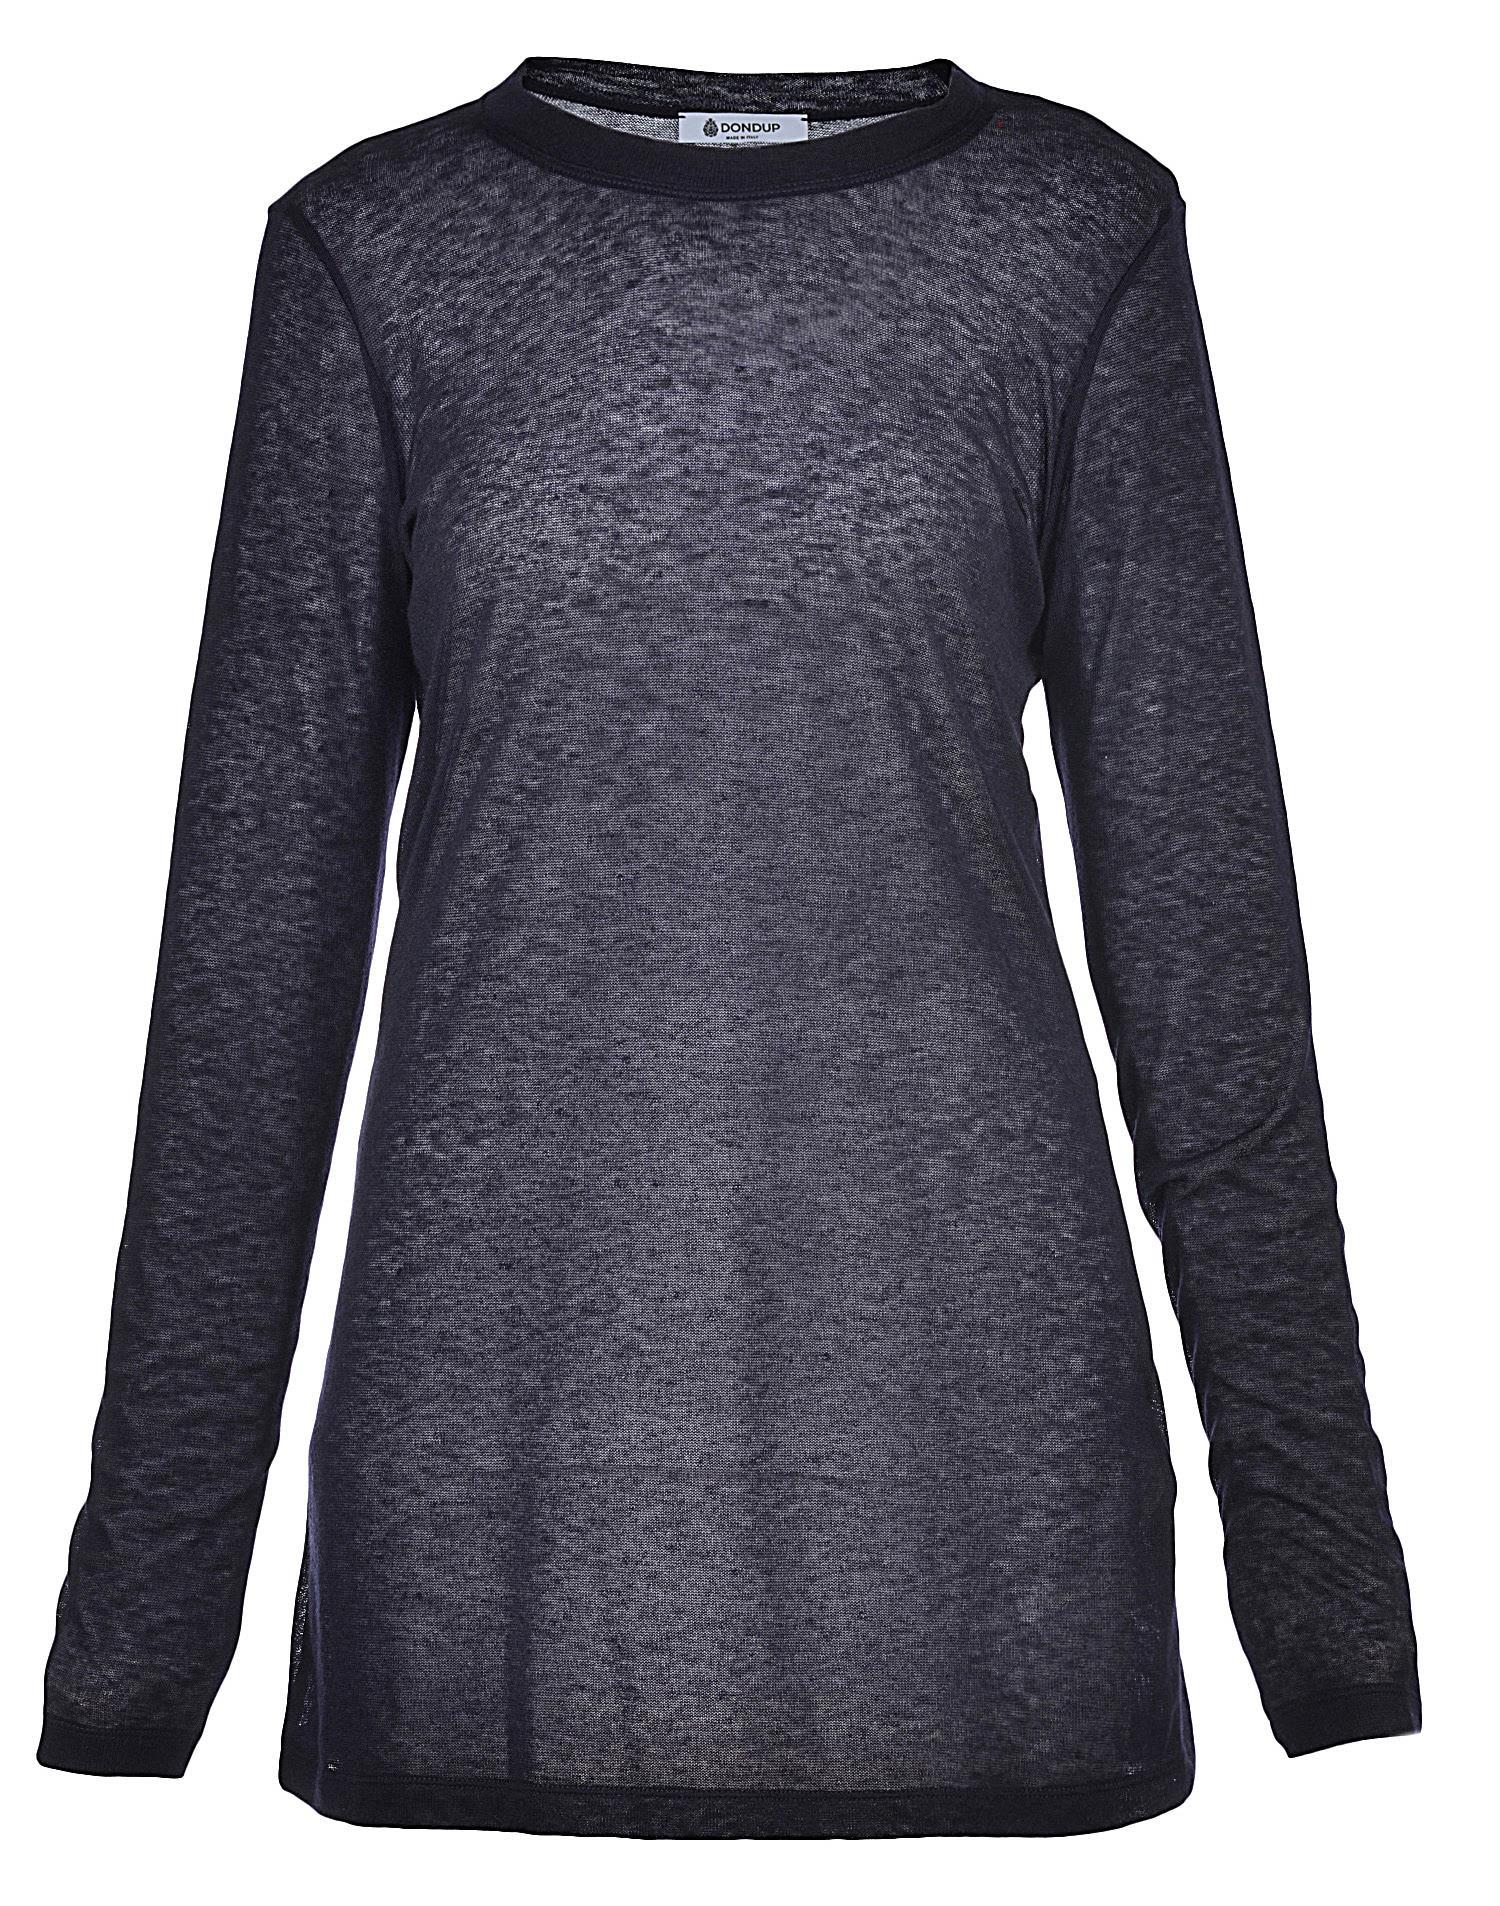 Dondup Sheer Sweater